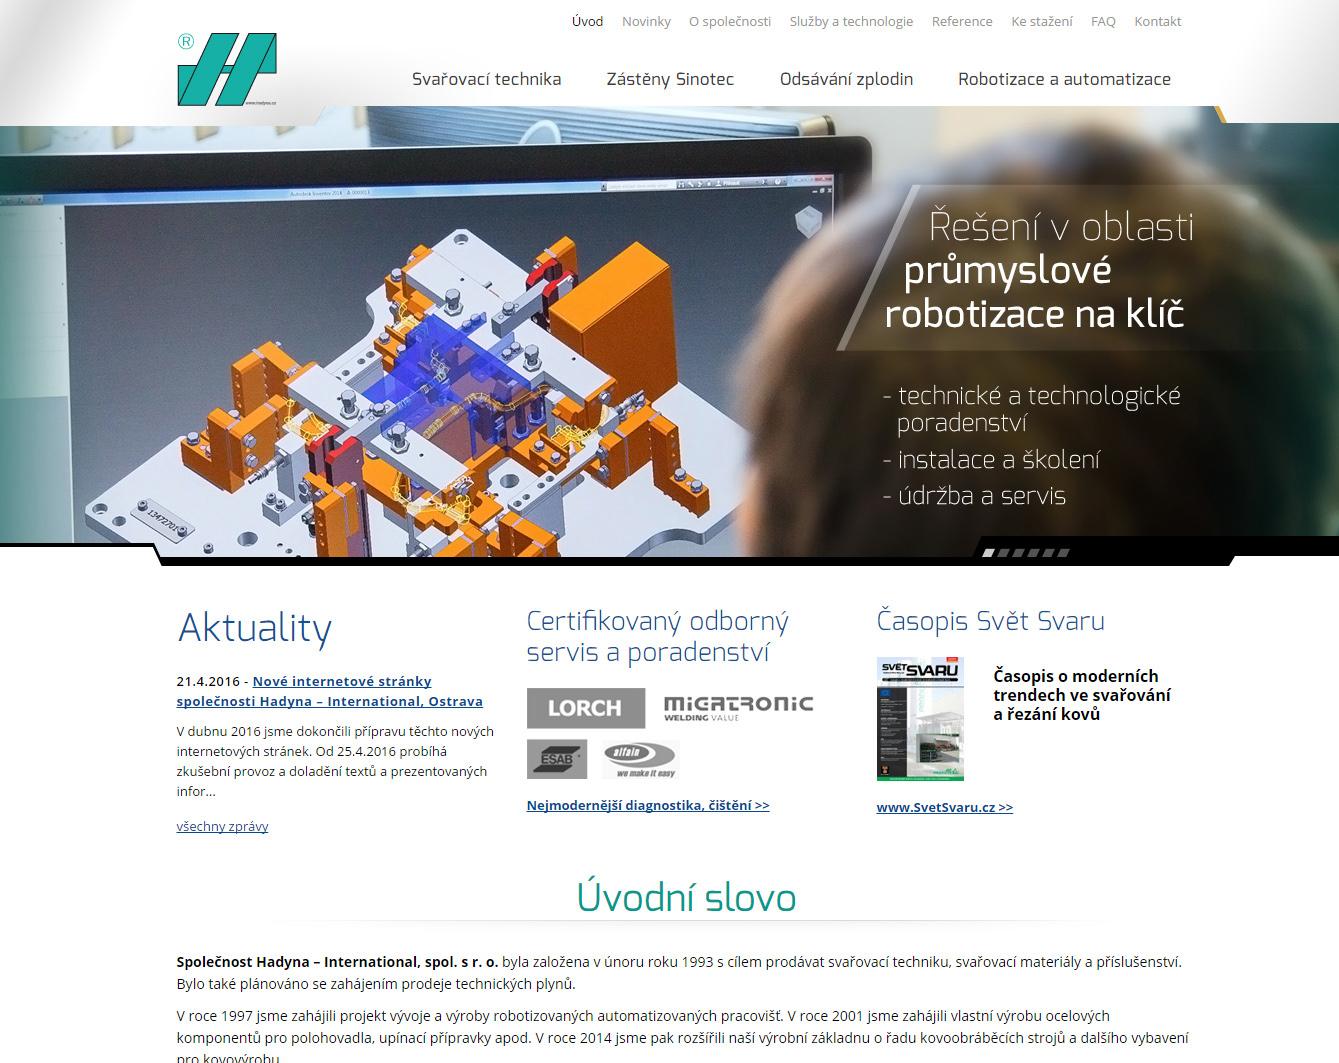 Webová prezentace firmy Hadyna